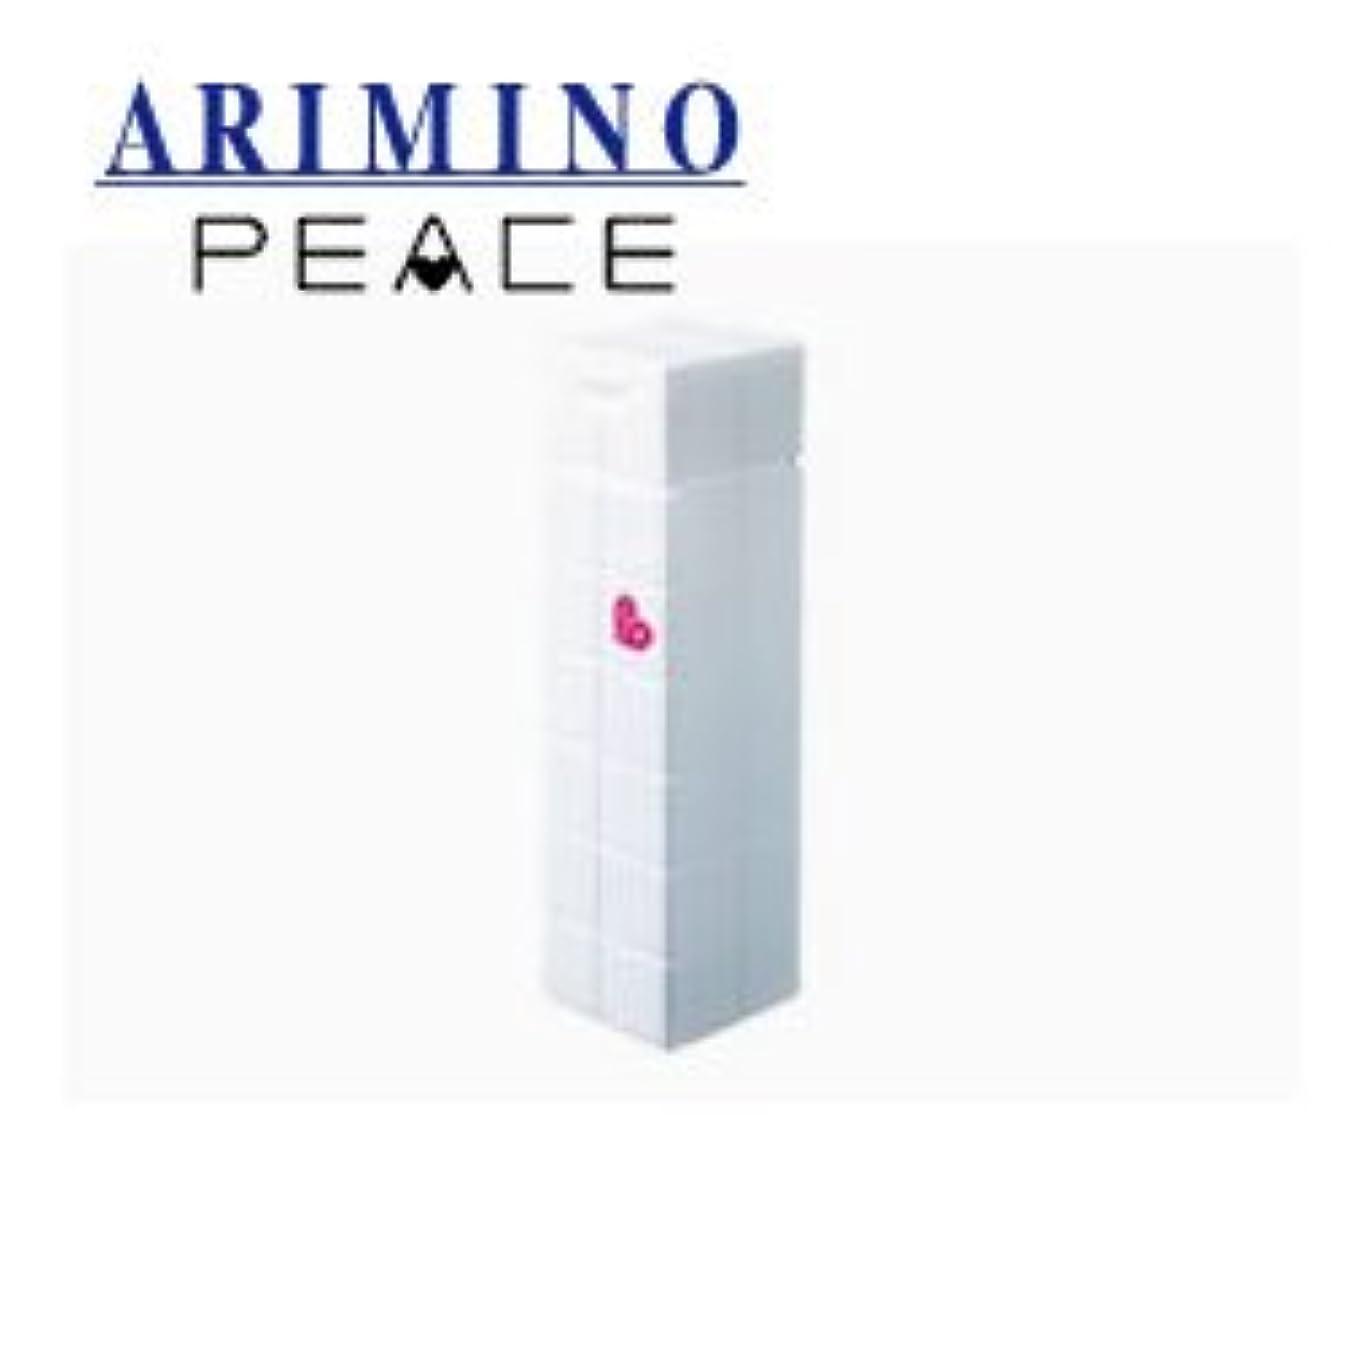 アリミノ ピース グロスmilk ホワイト 200ml